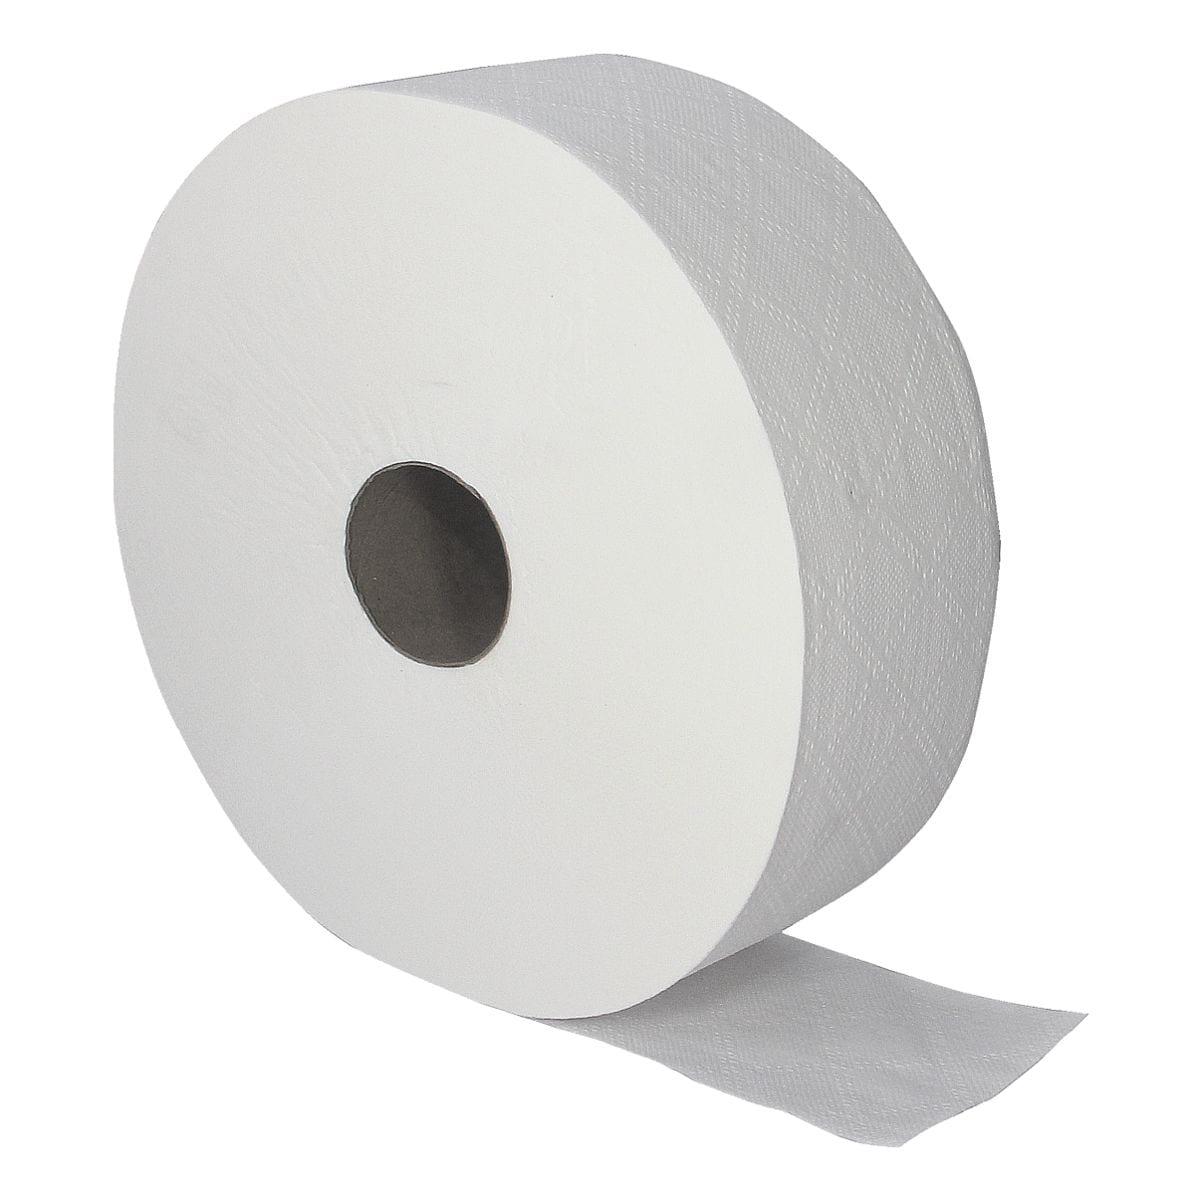 Toilettenpapier Wipex Gigant 30 2-lagig, hochweiß - 6 Endlos-Rollen